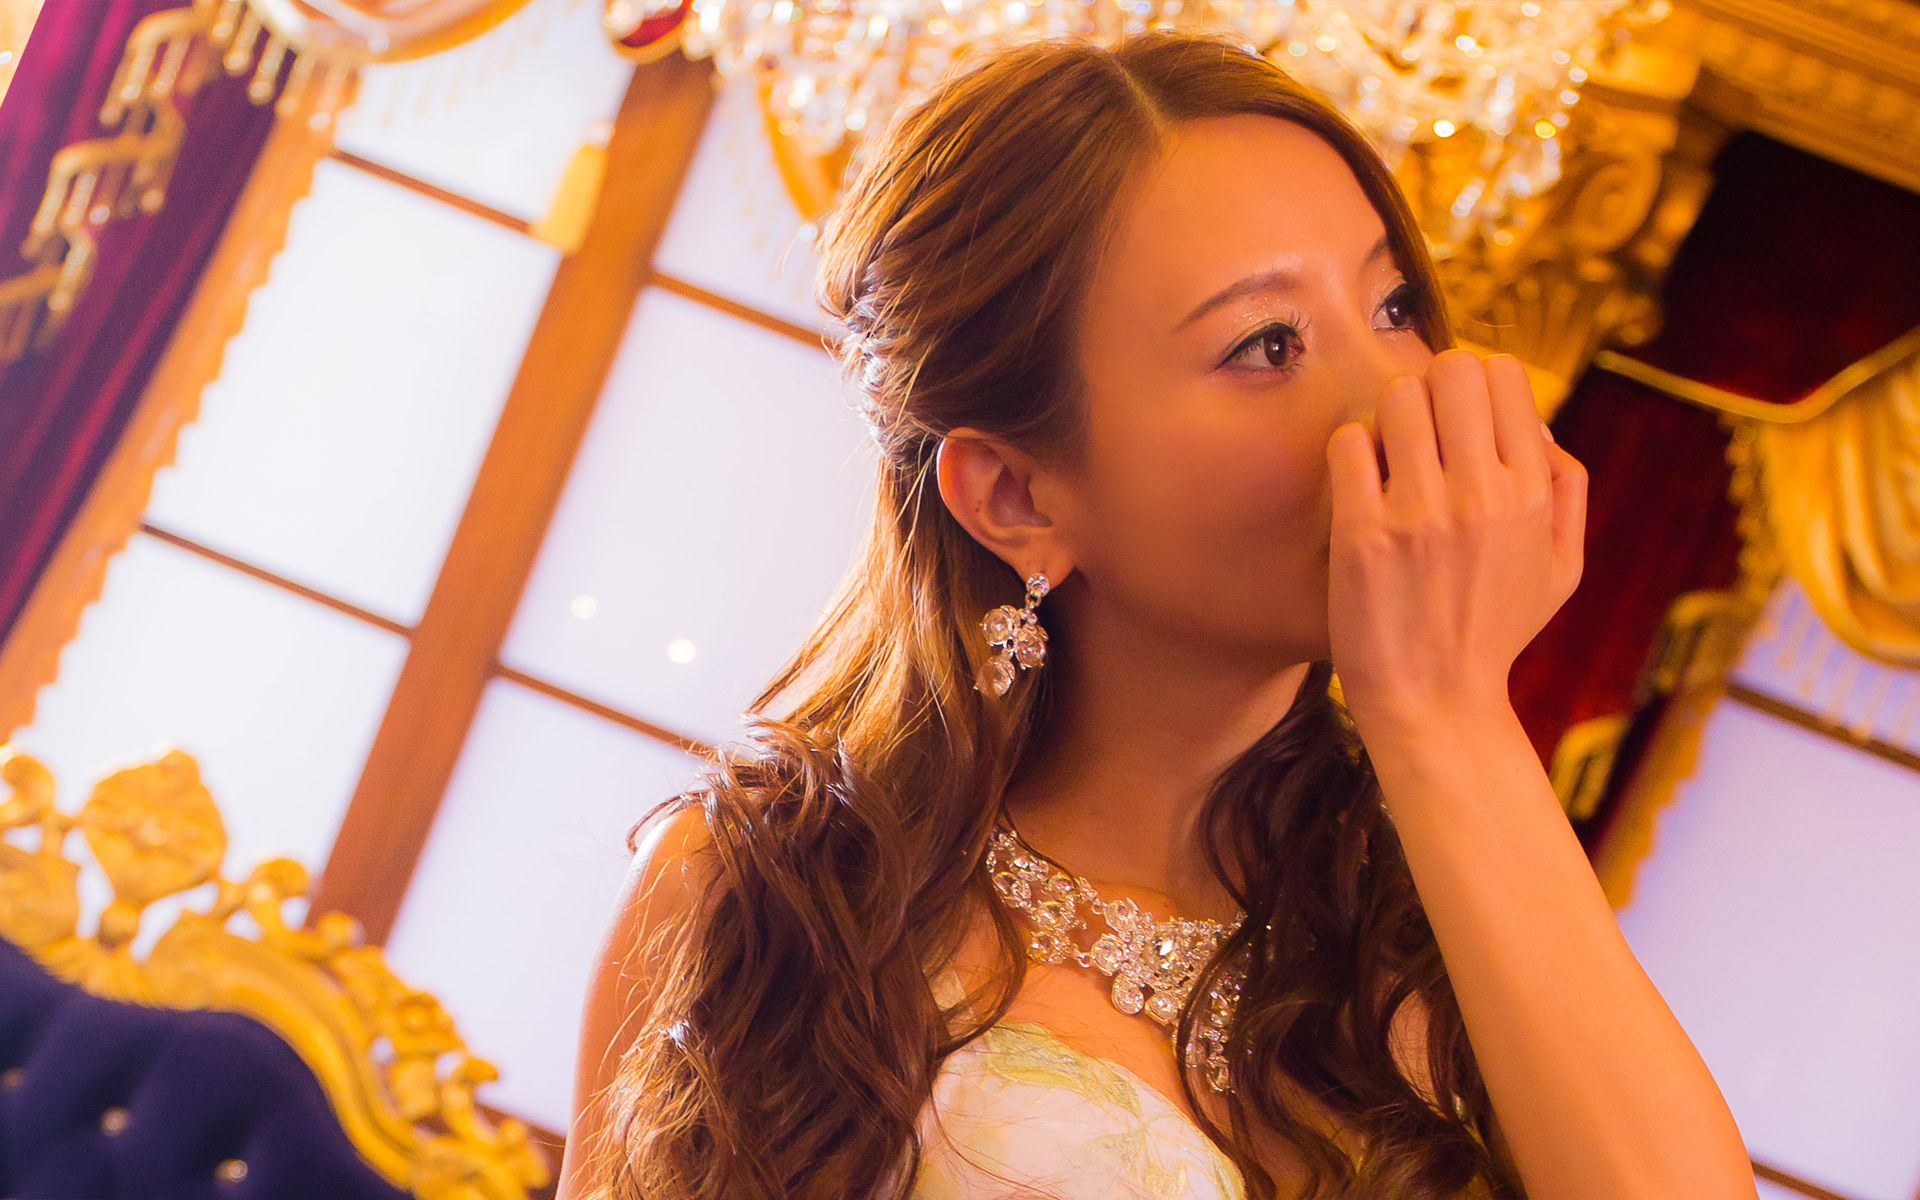 錦糸町デリヘル 待ち合わせ型 人妻デリバリーヘルス『秘密倶楽部 凛 錦糸町店』